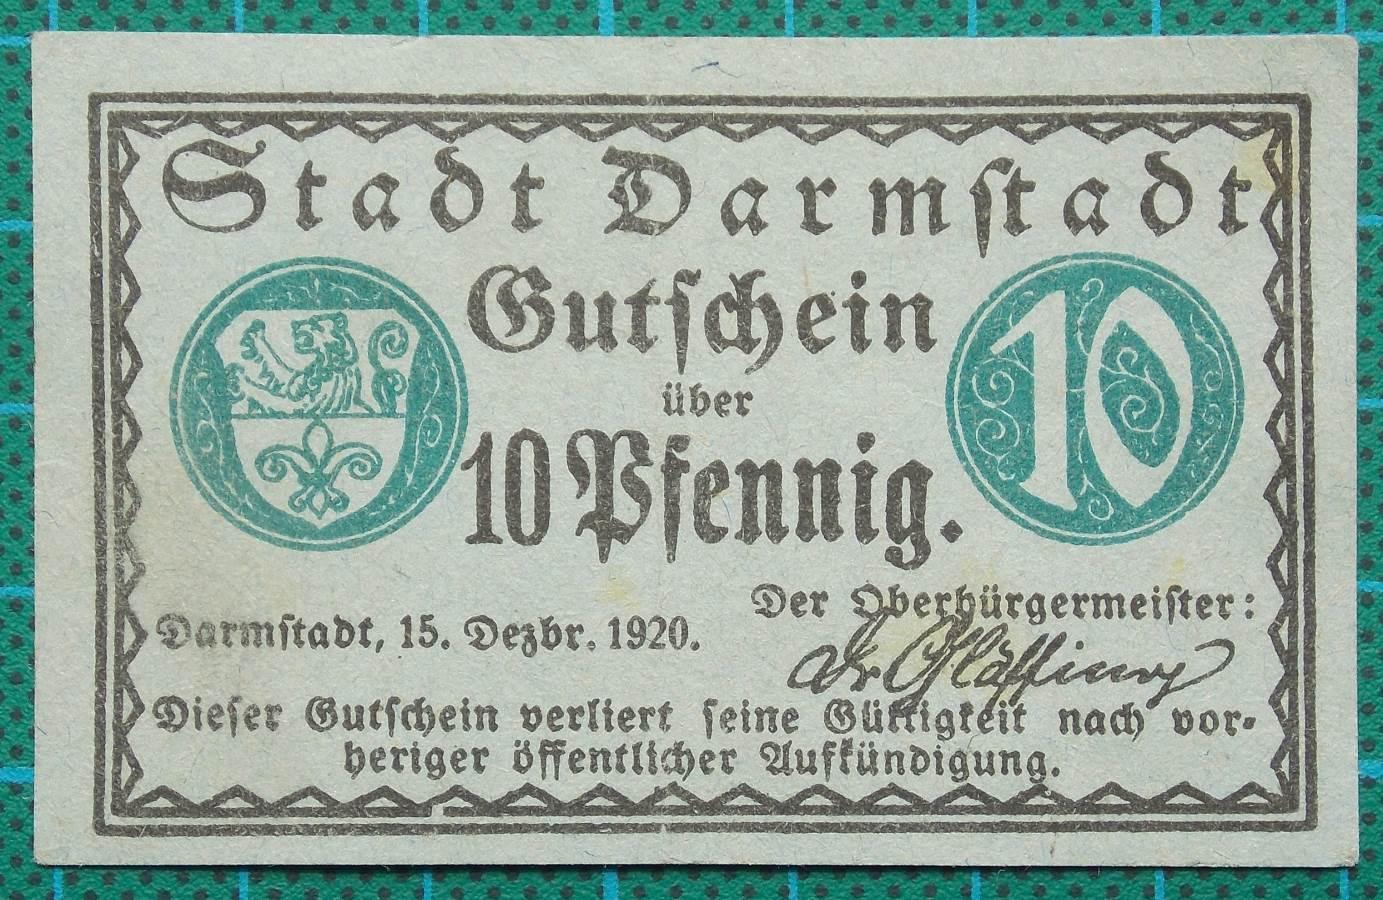 1920 DARMSTADT GUTSCHEIN TRANSPORT VOUCHER 10 PFENNIG